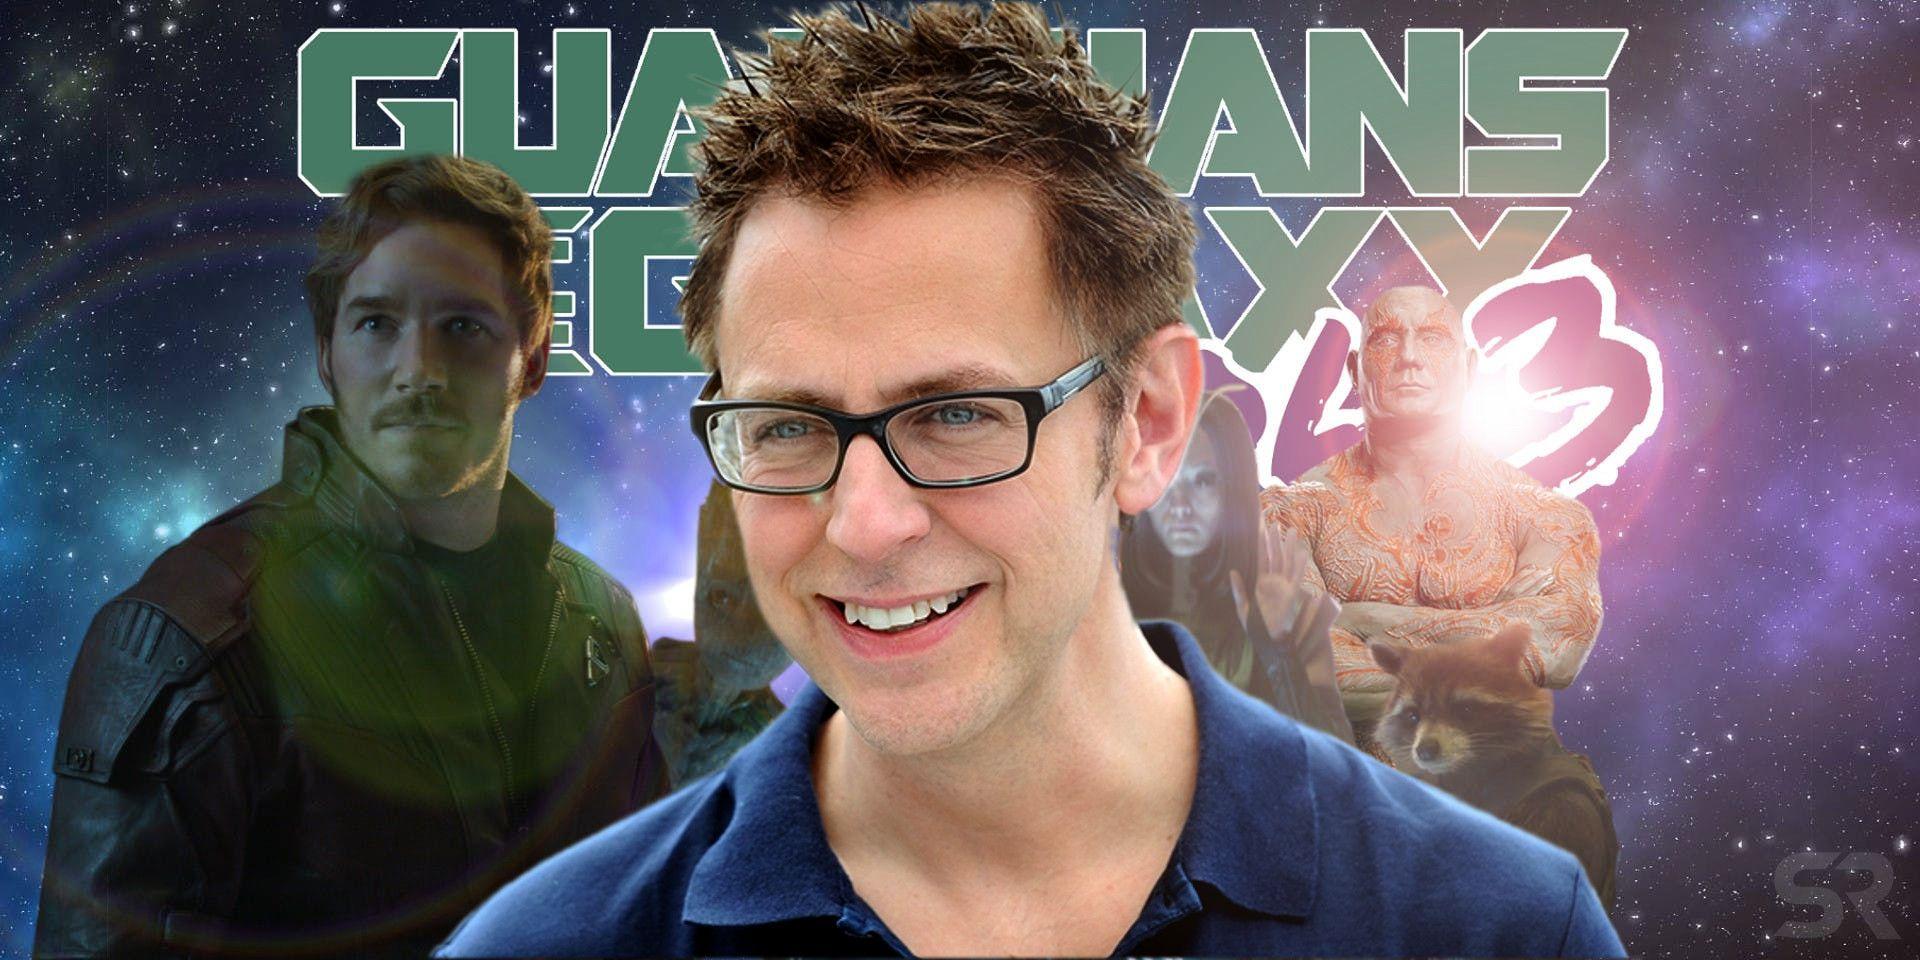 James Gunn Update: Why Disney Fired James Gunn As Director But Are Keeping